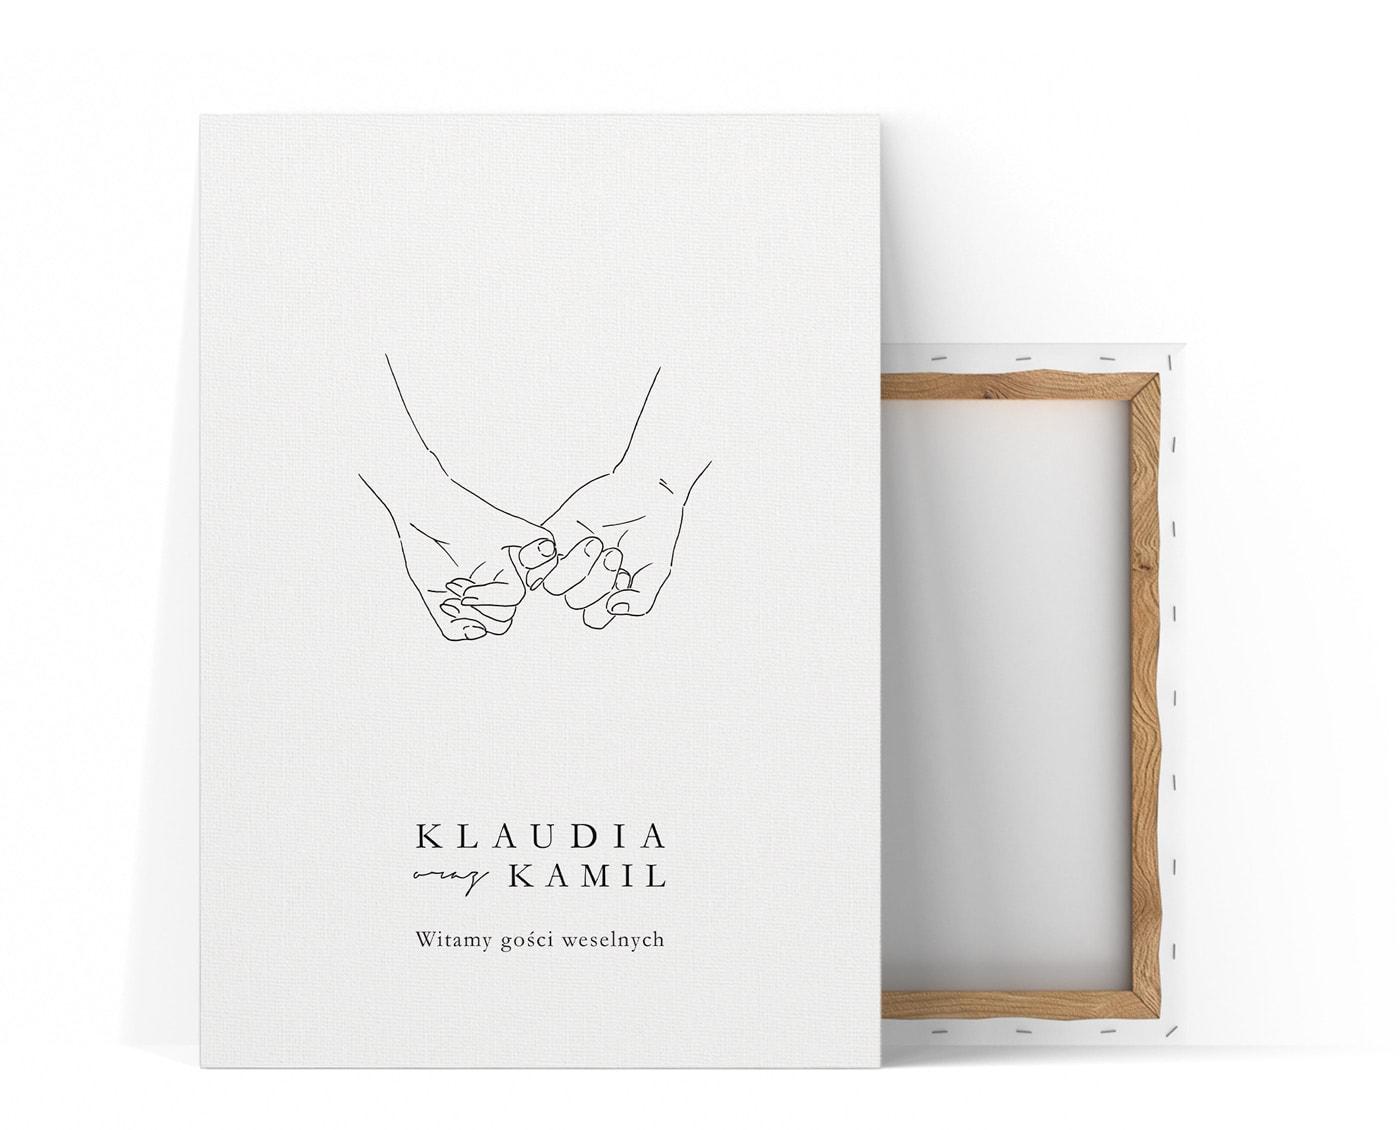 Tablica powitalna z rysunkiem dłoni trzymających się za małe palce